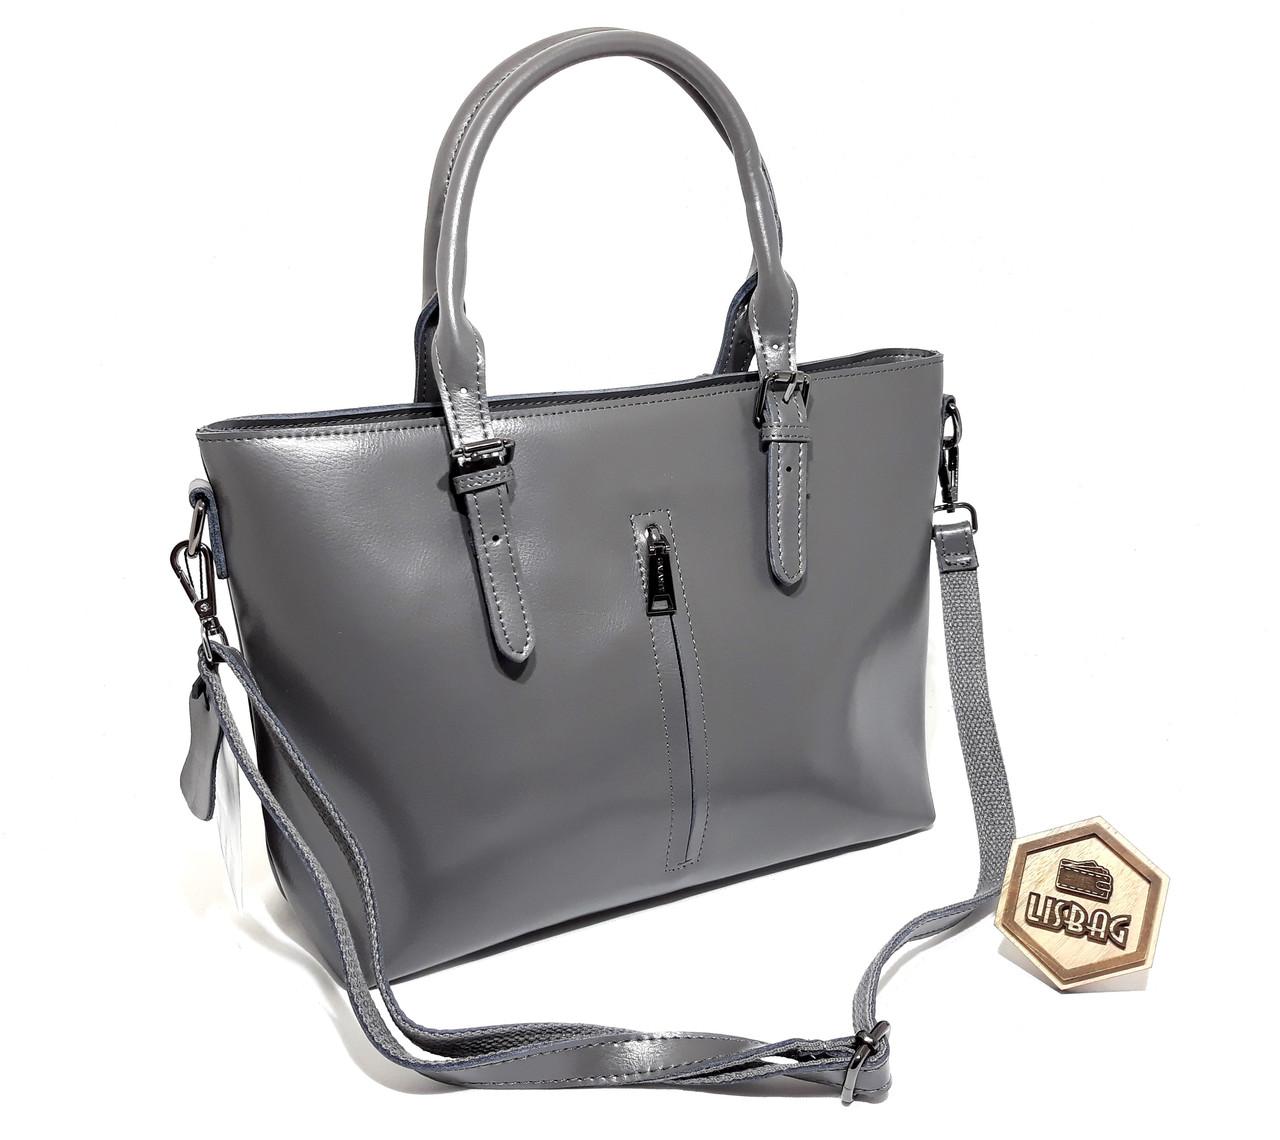 25f61f6966ca ... Большая классная женская сумка Galanty из натуральной кожи  классического дизайна Серого цвета, ...